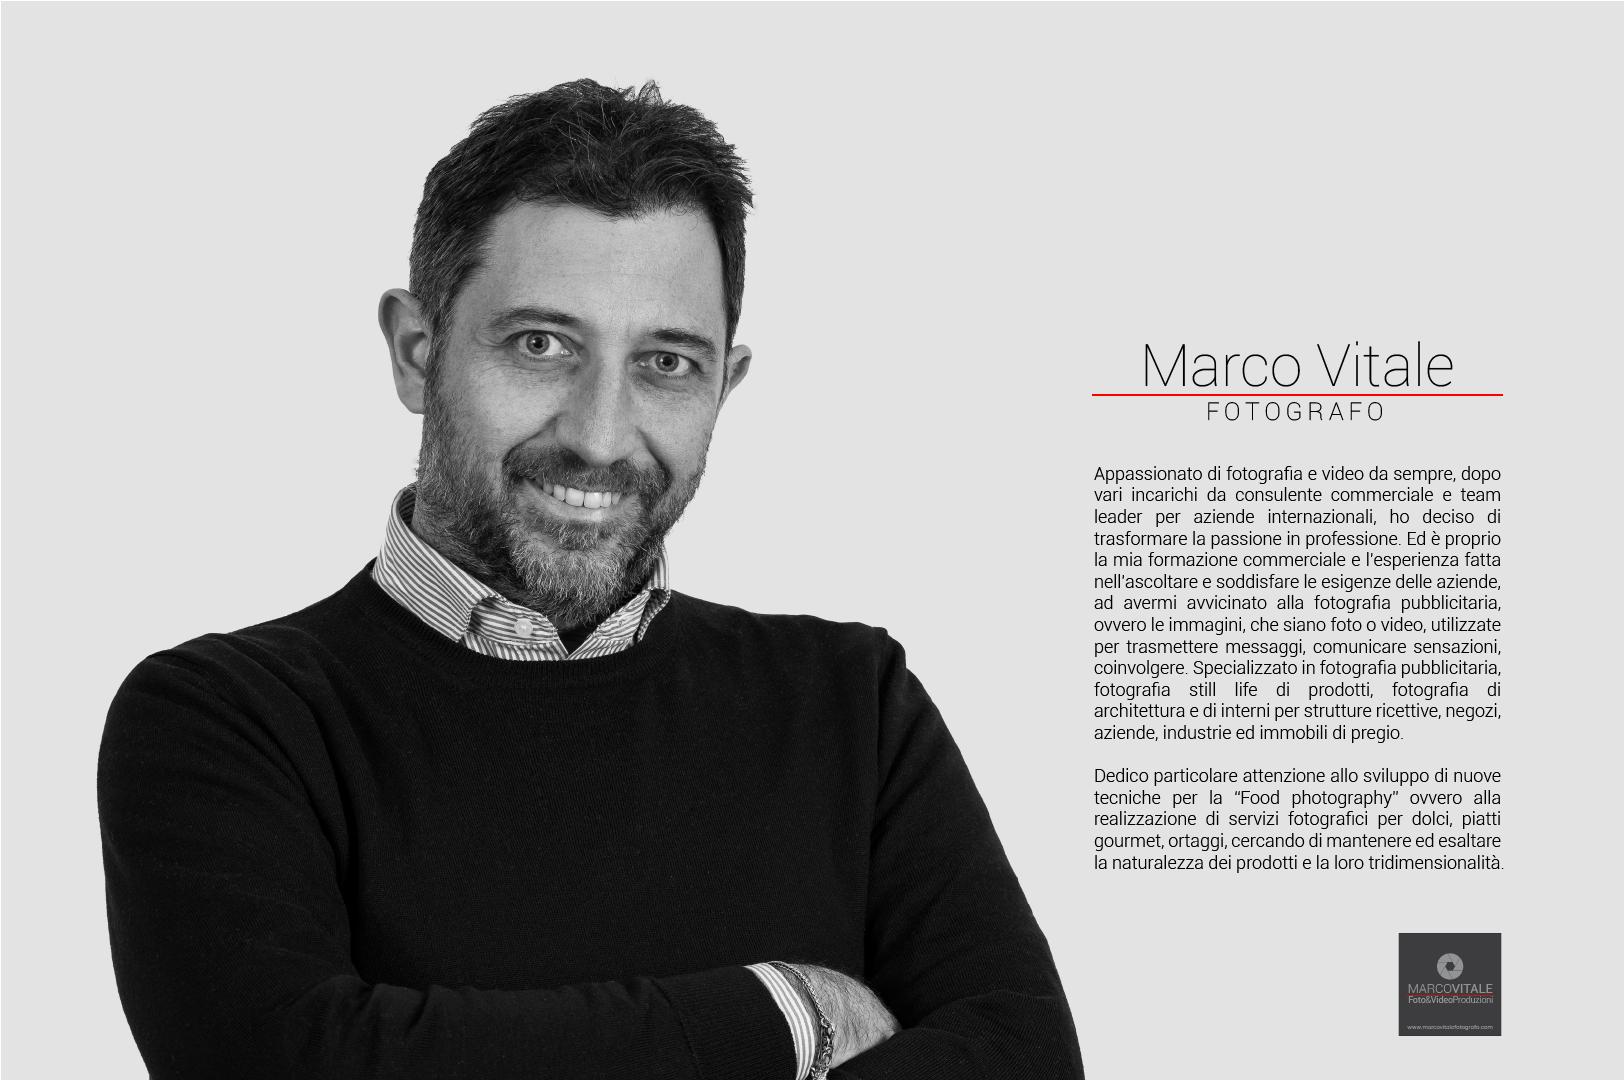 Marco Vitale - Fotografo pubblicitario - Salerno